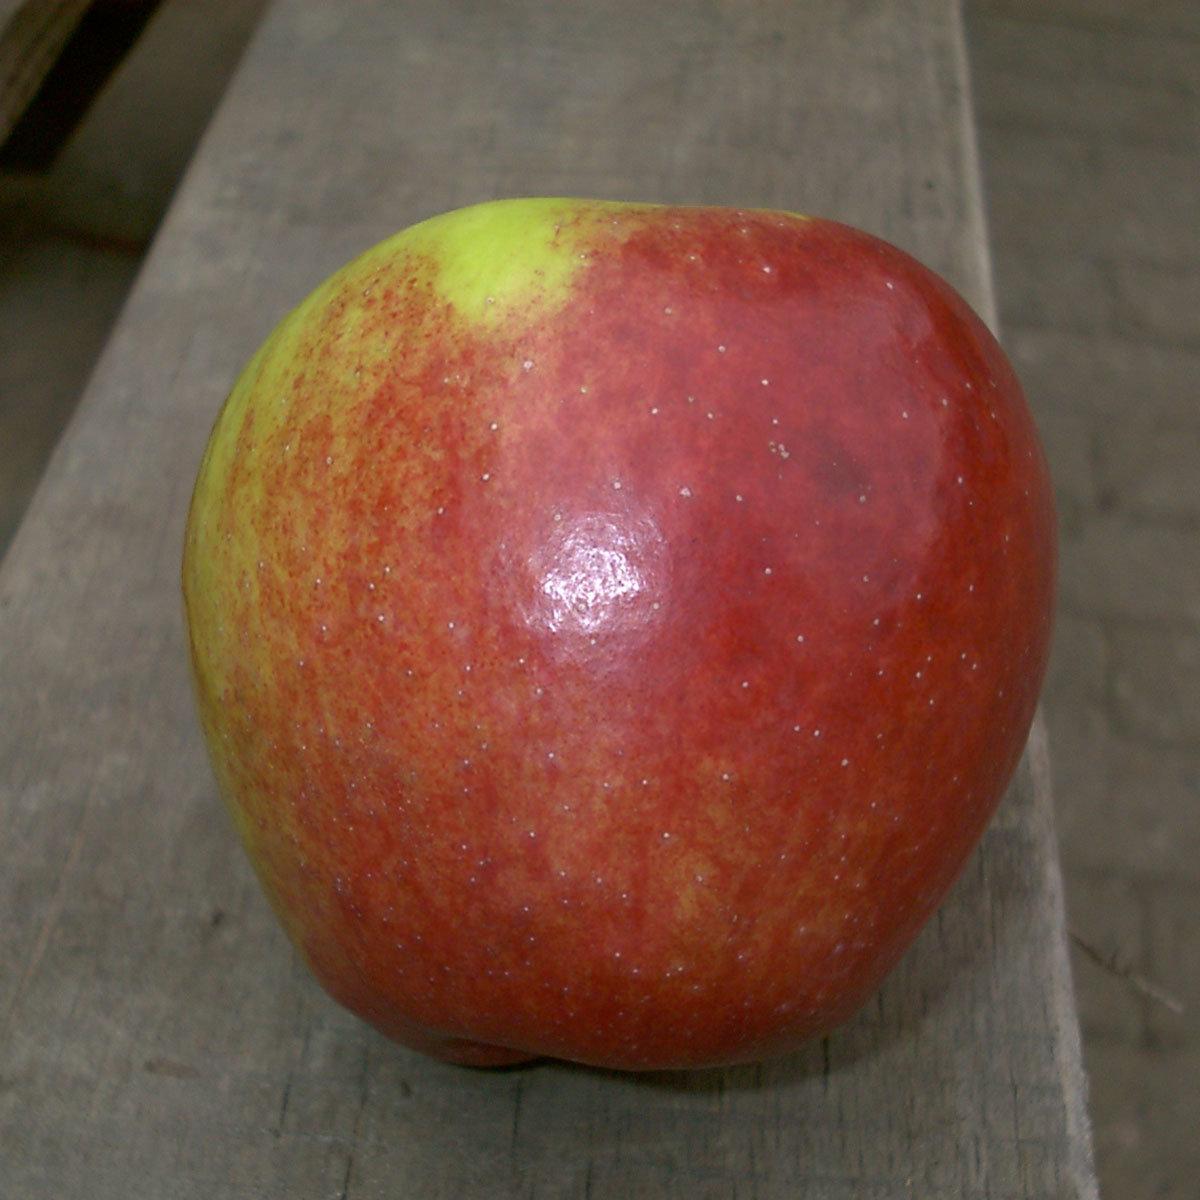 Duo-Apfel Retina - Cox Orange, 2-jährig | #2